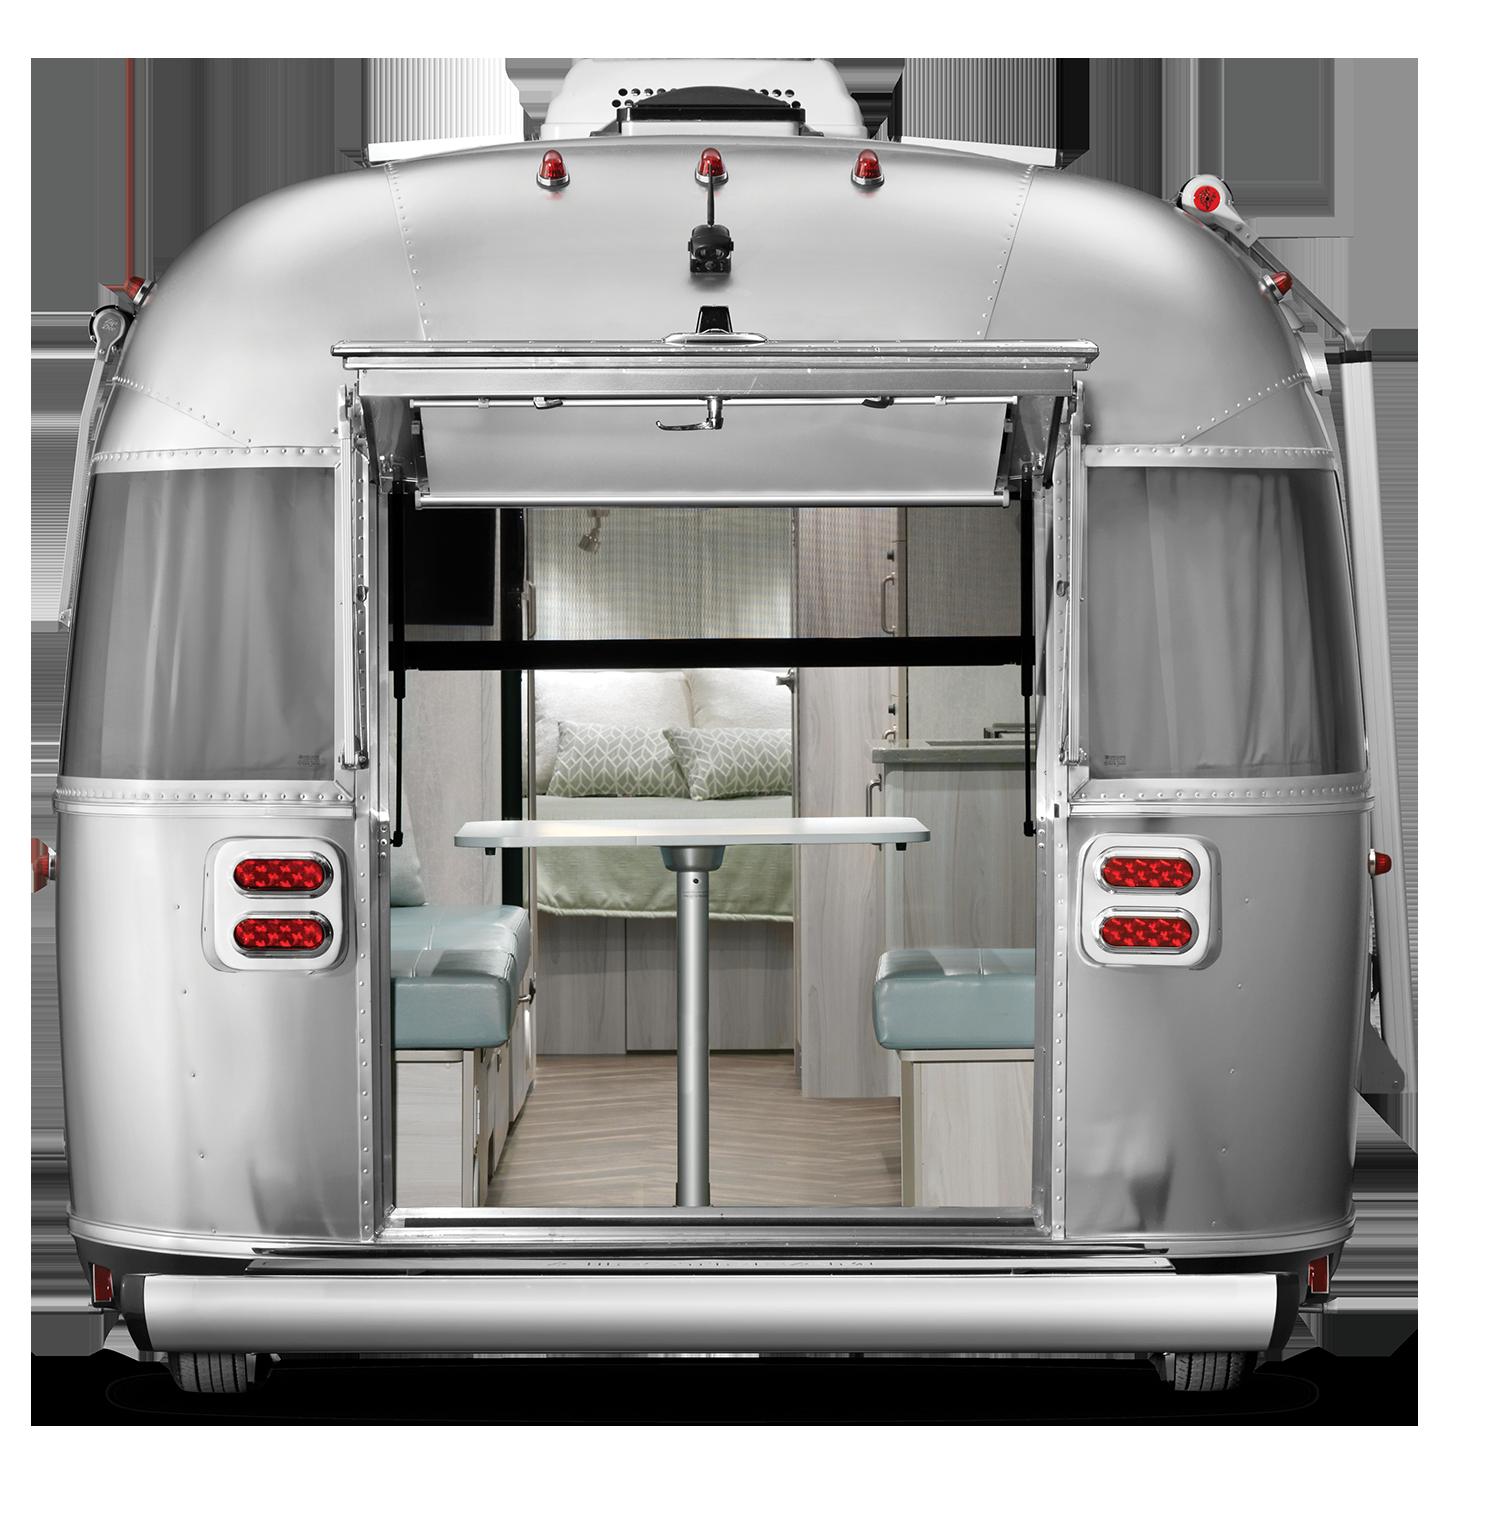 2021 International 27 Exterior Hatch Rear hatch open screen down WEB